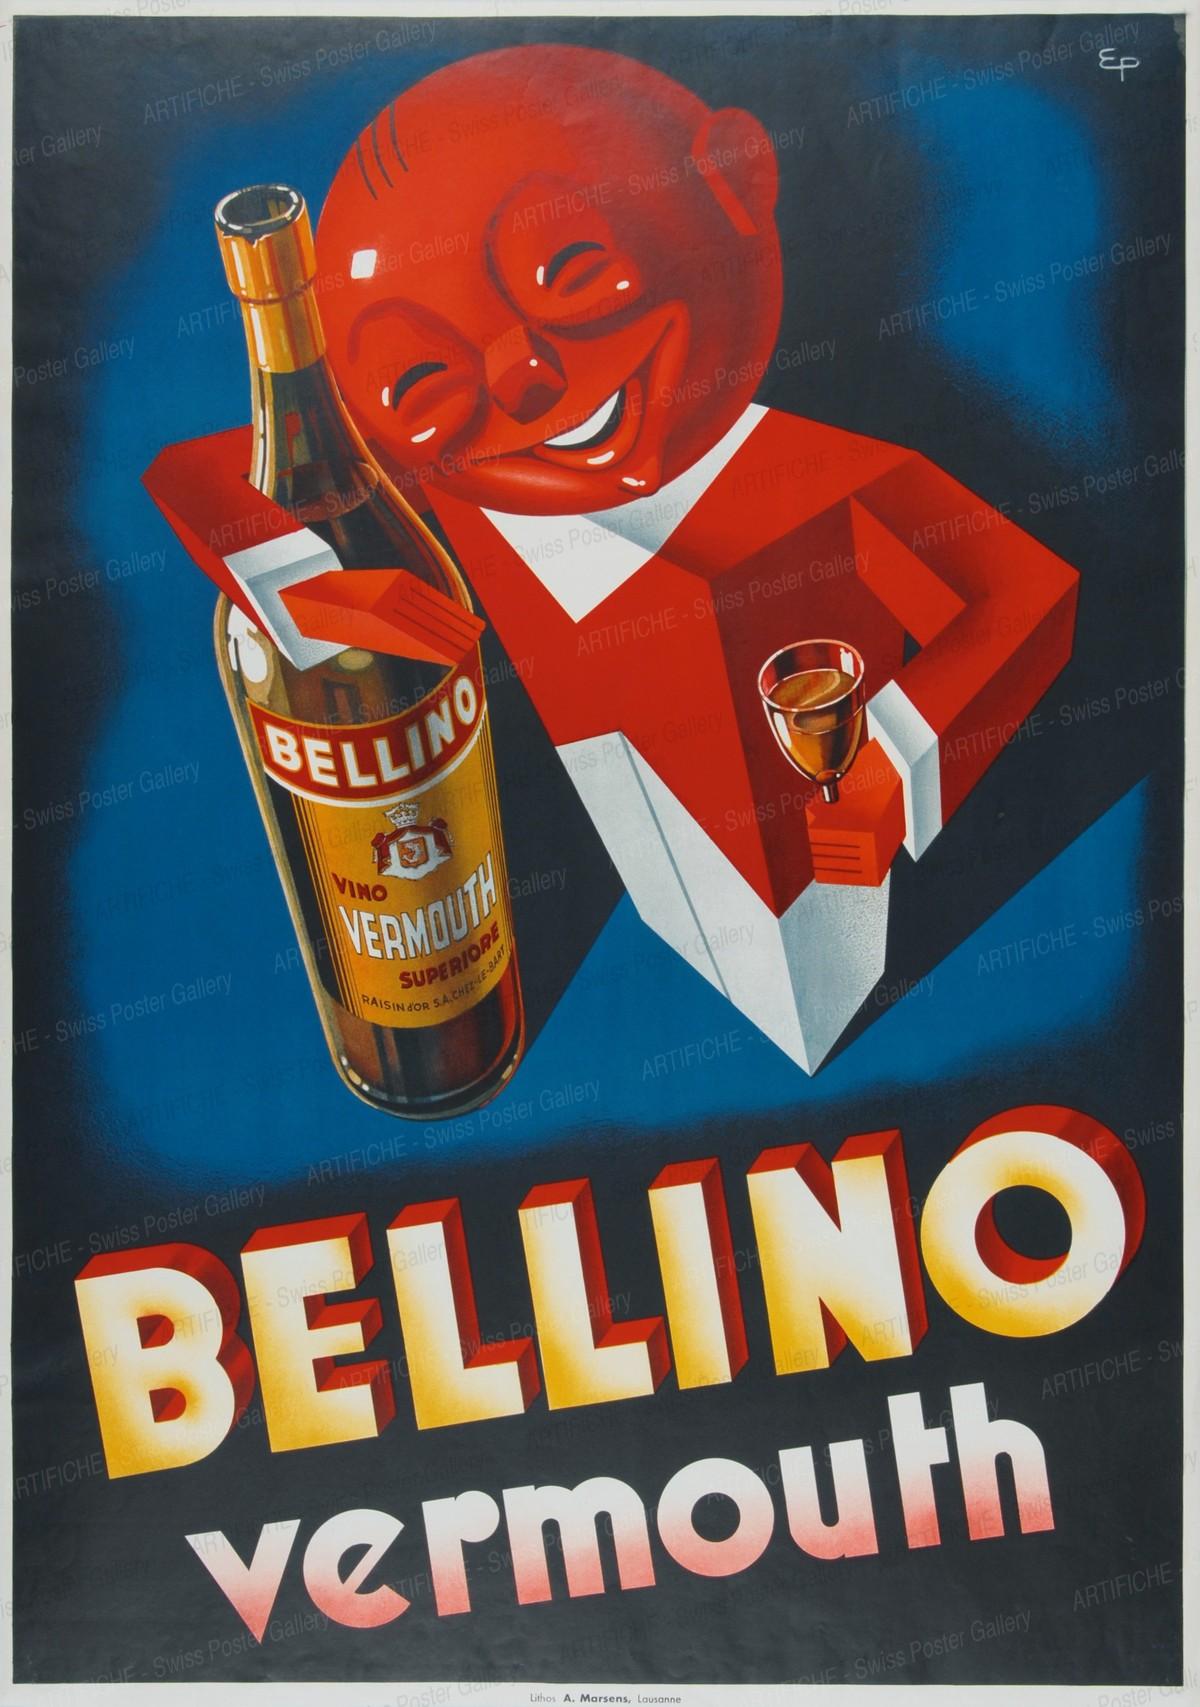 BELLINO Vermouth, E. Patké